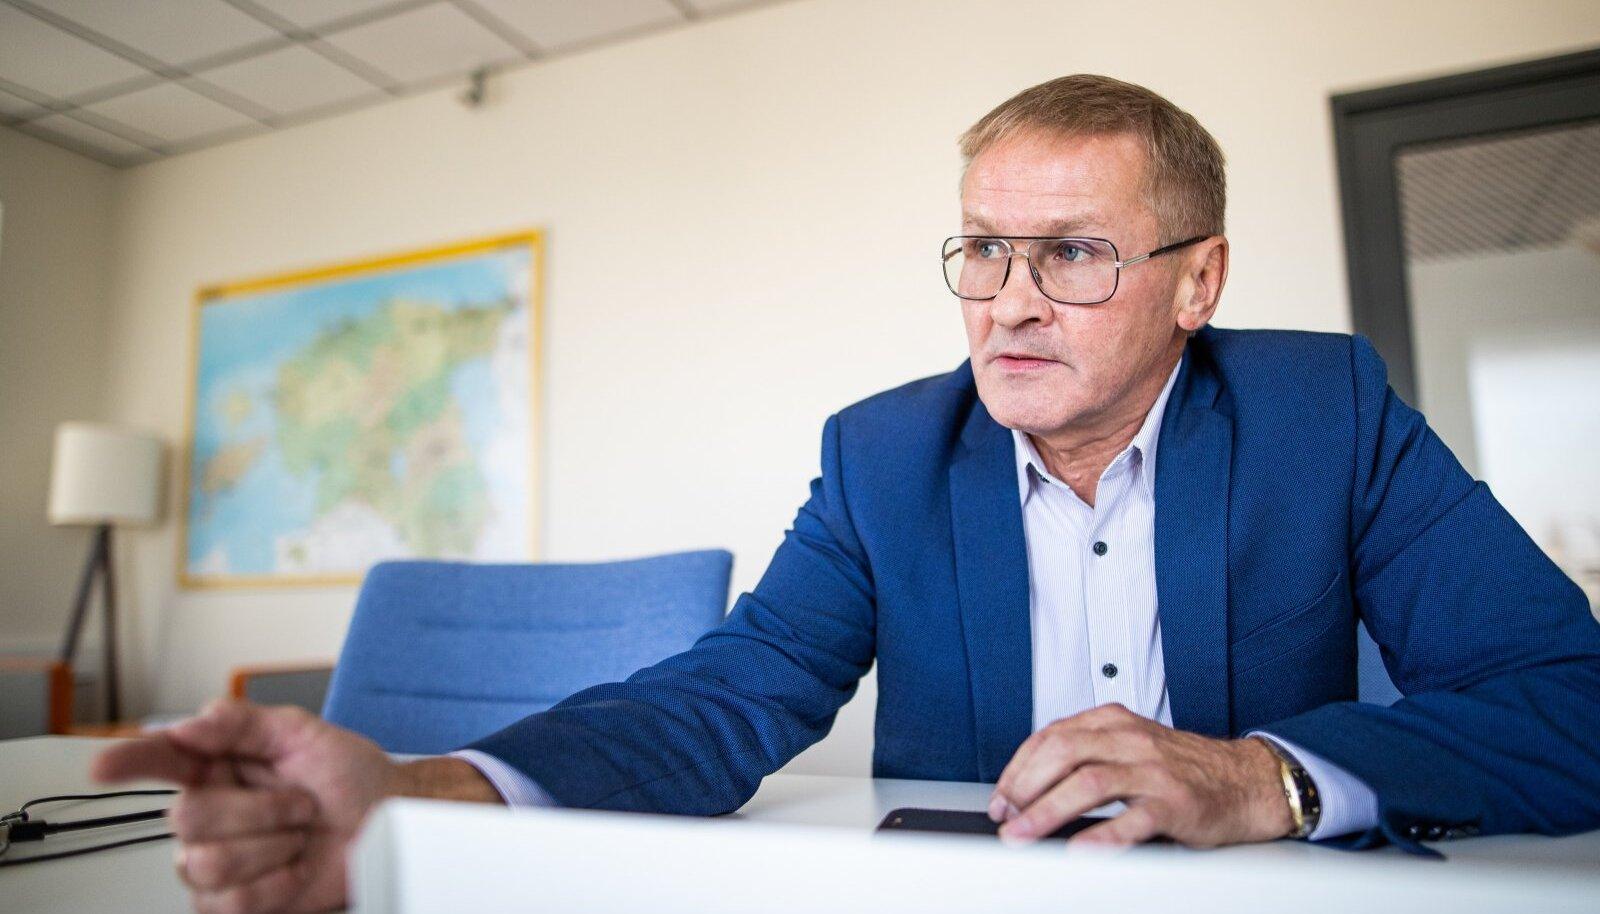 Riigihalduse minister Jaak Aab